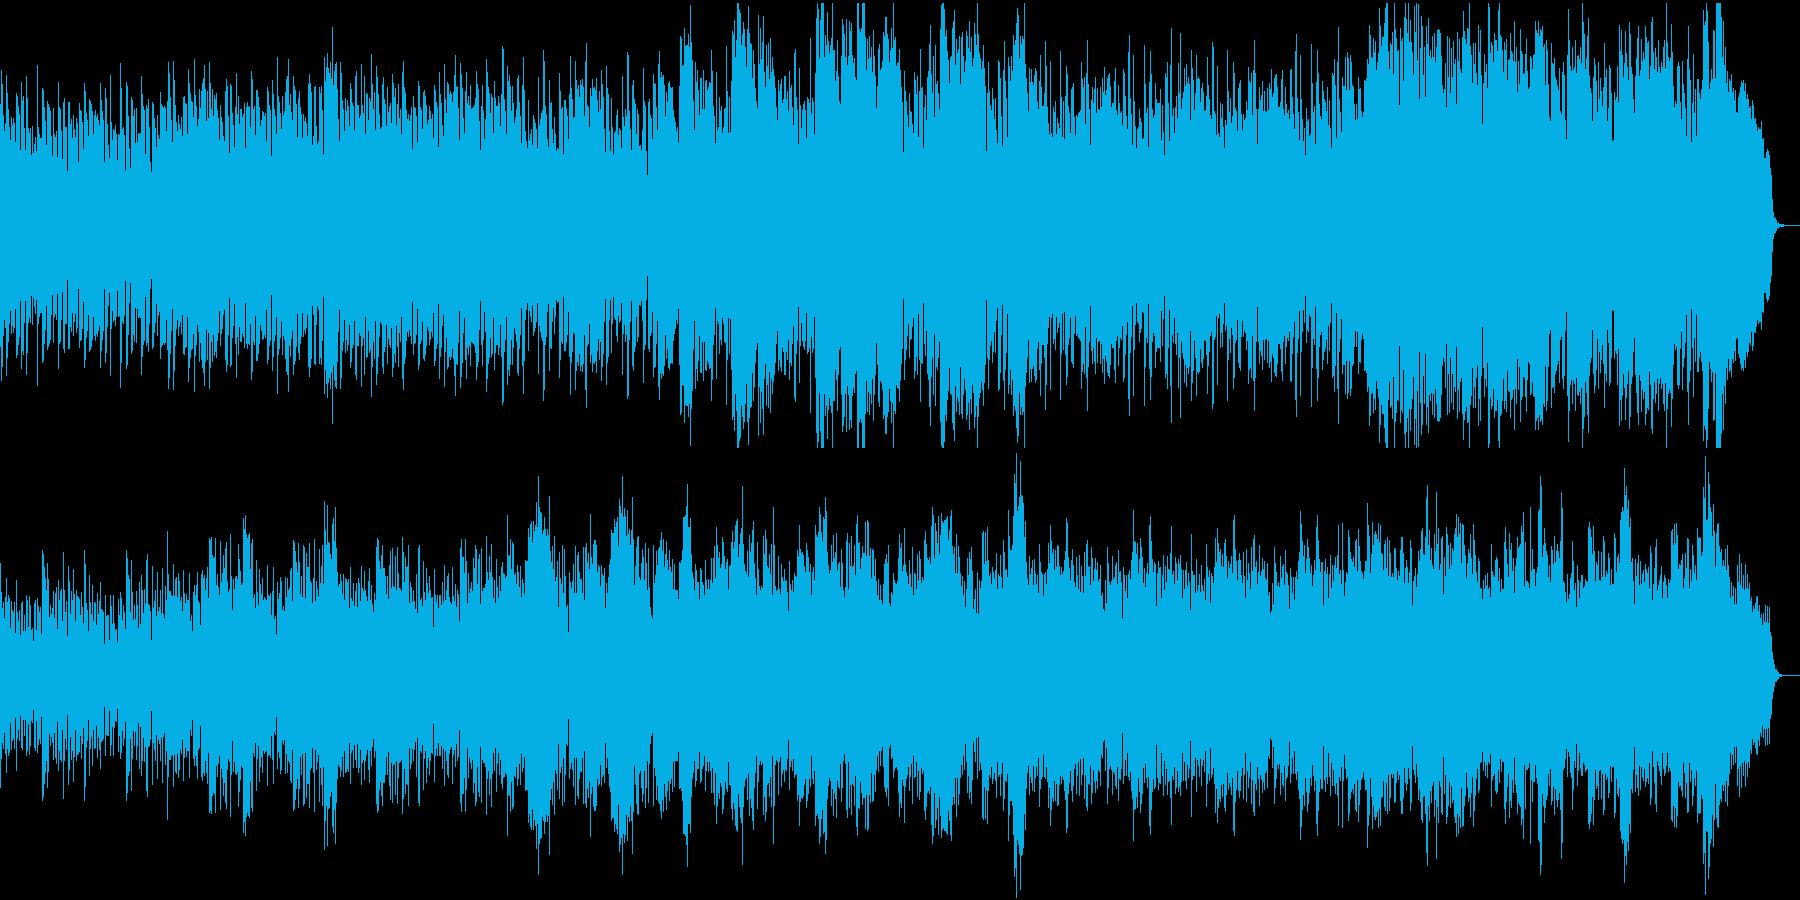 優しさに包まれる感動ピアノ2合唱と弦抜きの再生済みの波形